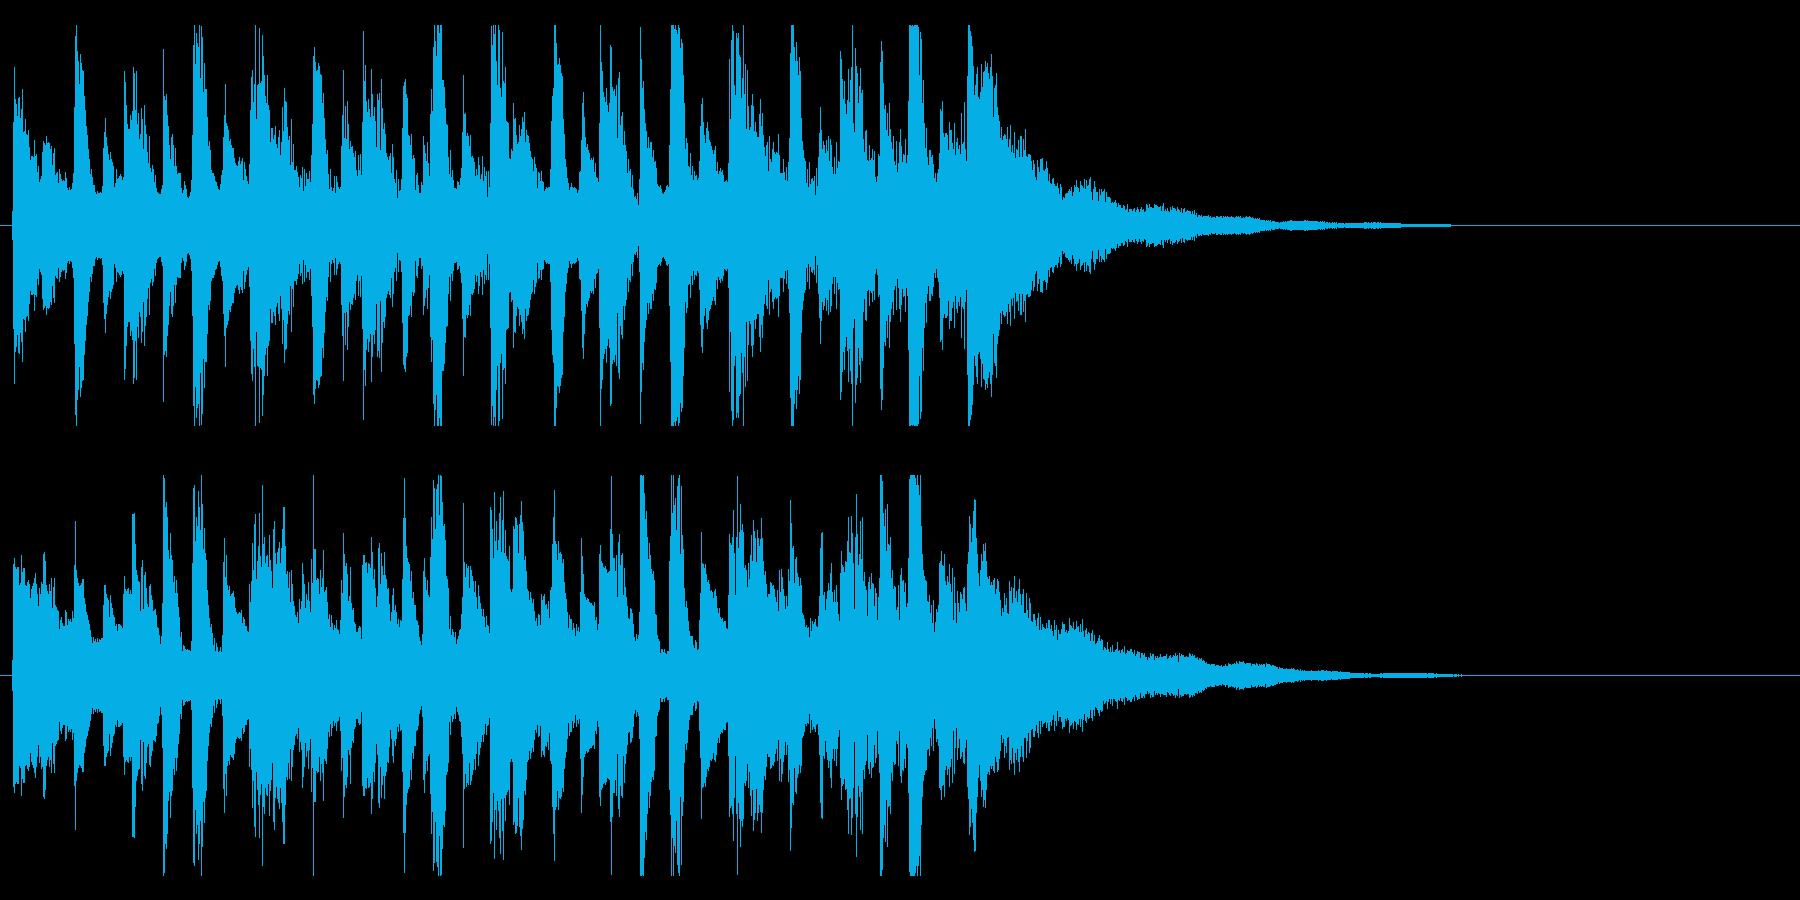 オープニングジングル ピアノで爽やか感動の再生済みの波形